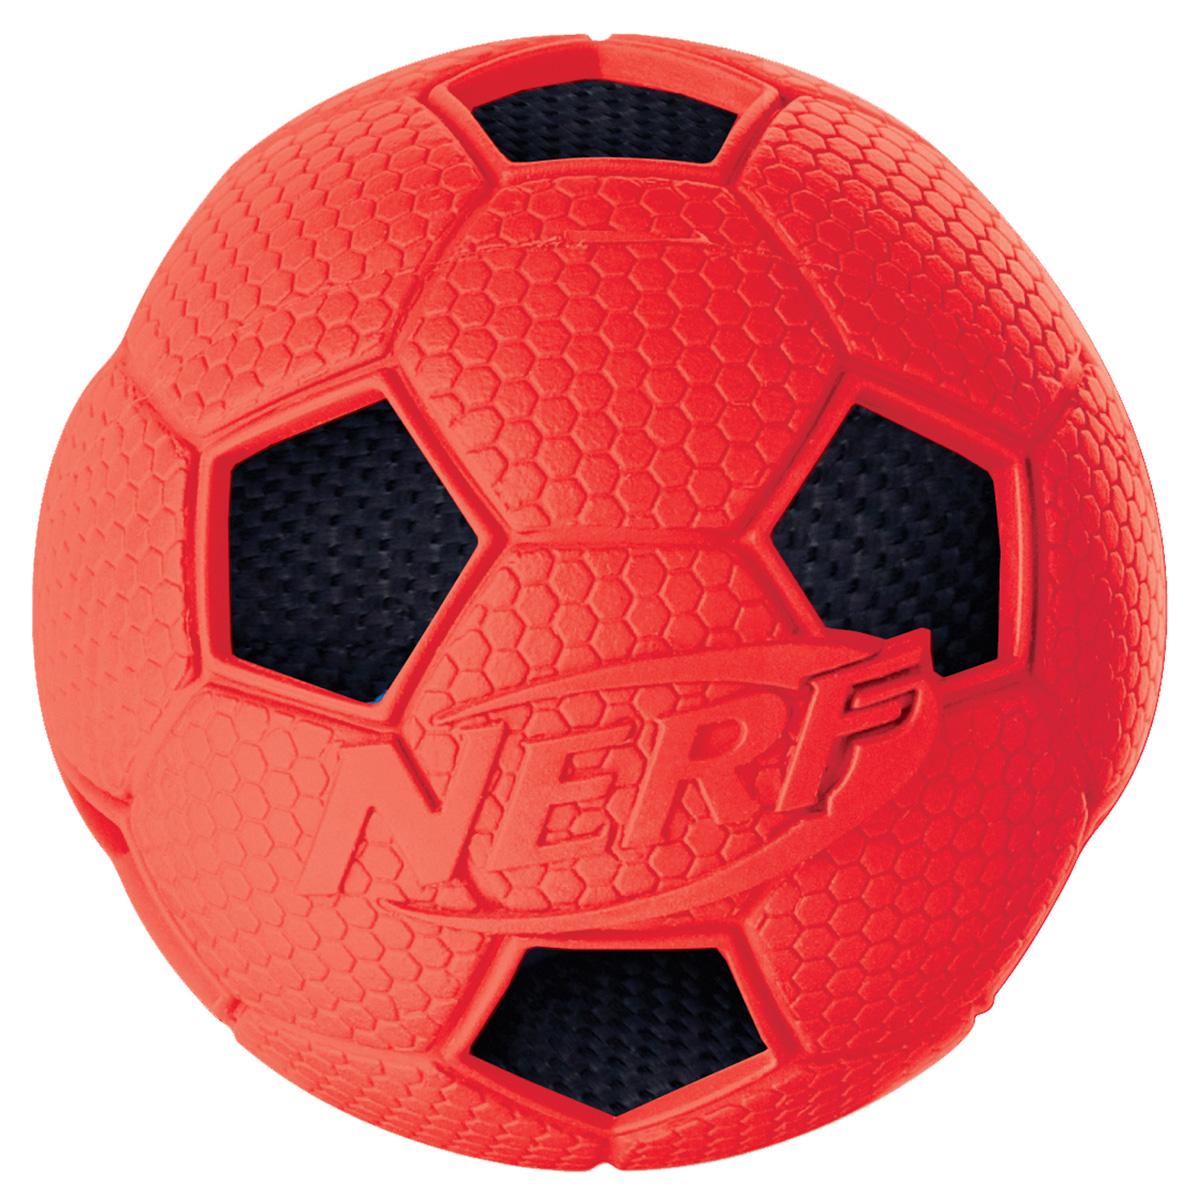 Игрушка для собак Nerf Мяч футбольный, цвет: красный, черный, диаметр 6 см22316Мяч Nerf с рельефным рисунком и нейлоновым хрустящим мячом внутри.Высококачественные прочные материалы, из которых изготовлена игрушка, обеспечивают долговечность использования.Звук мяча дополнительно увлекает собаку игрой.Размер S: 6 см.